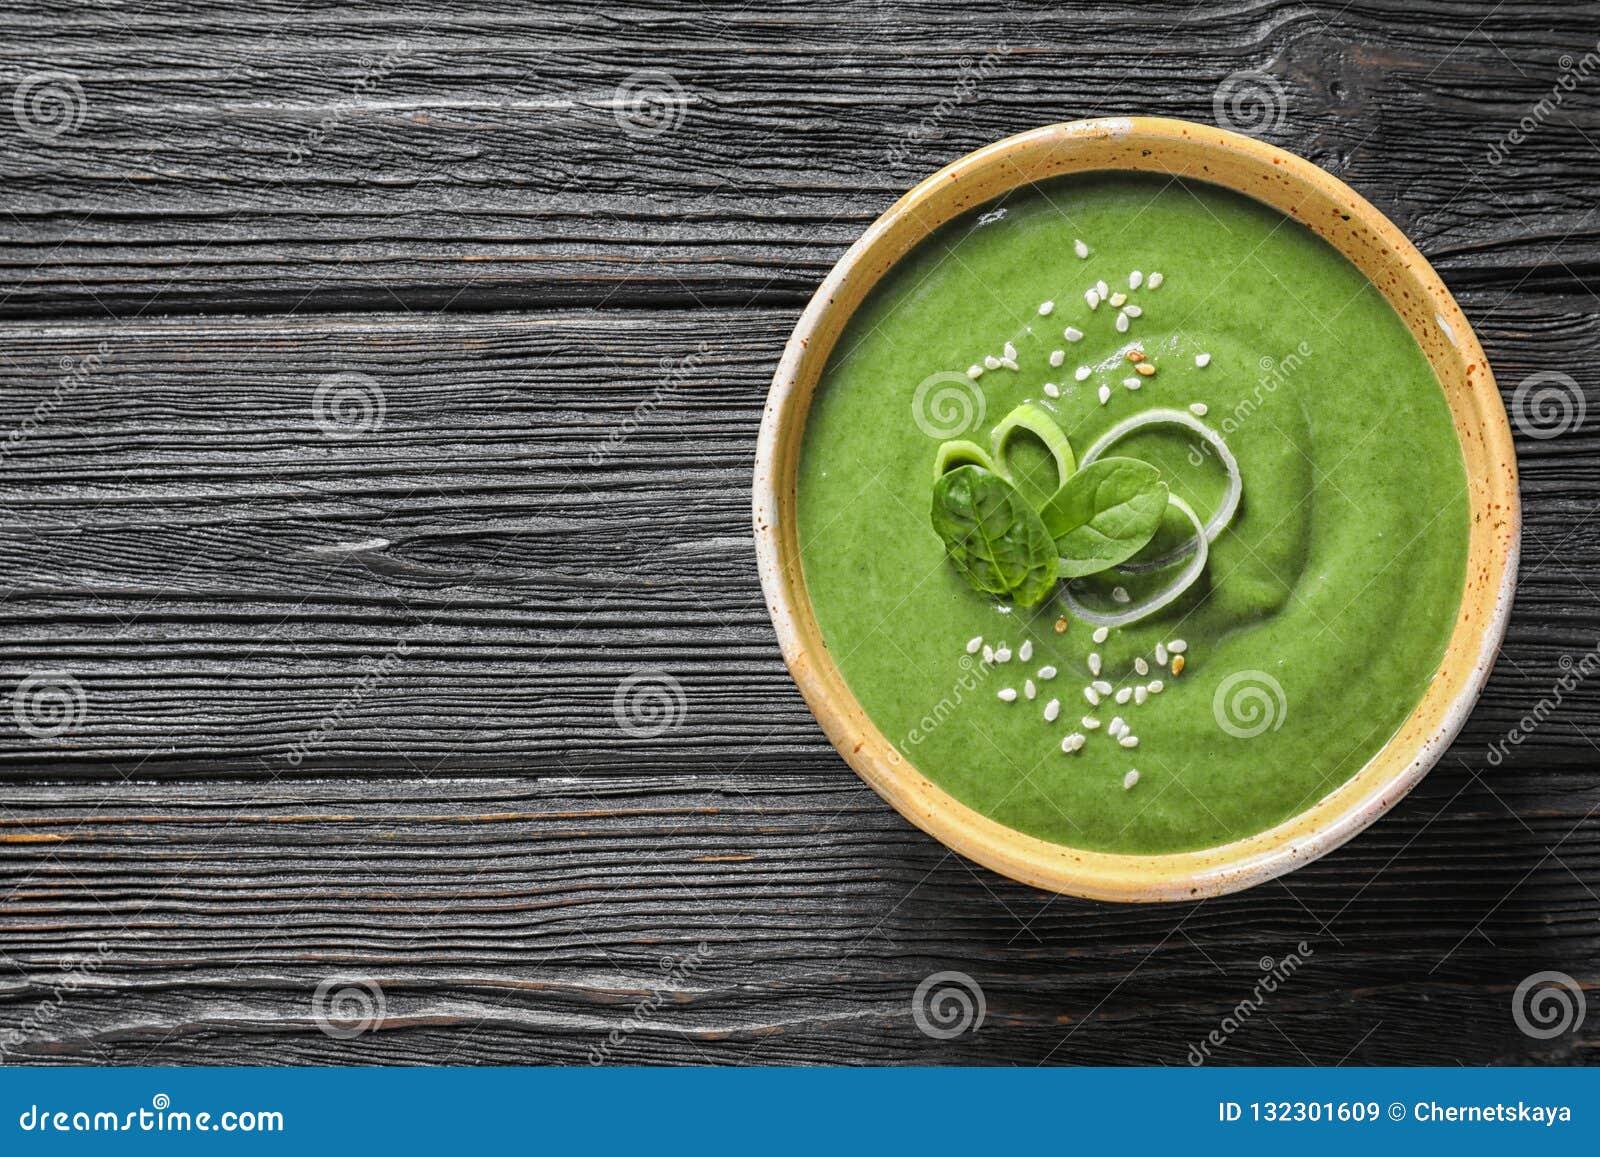 Frischgemüse Detoxsuppe gemacht vom Spinat im Teller auf hölzernem Hintergrund, Draufsicht